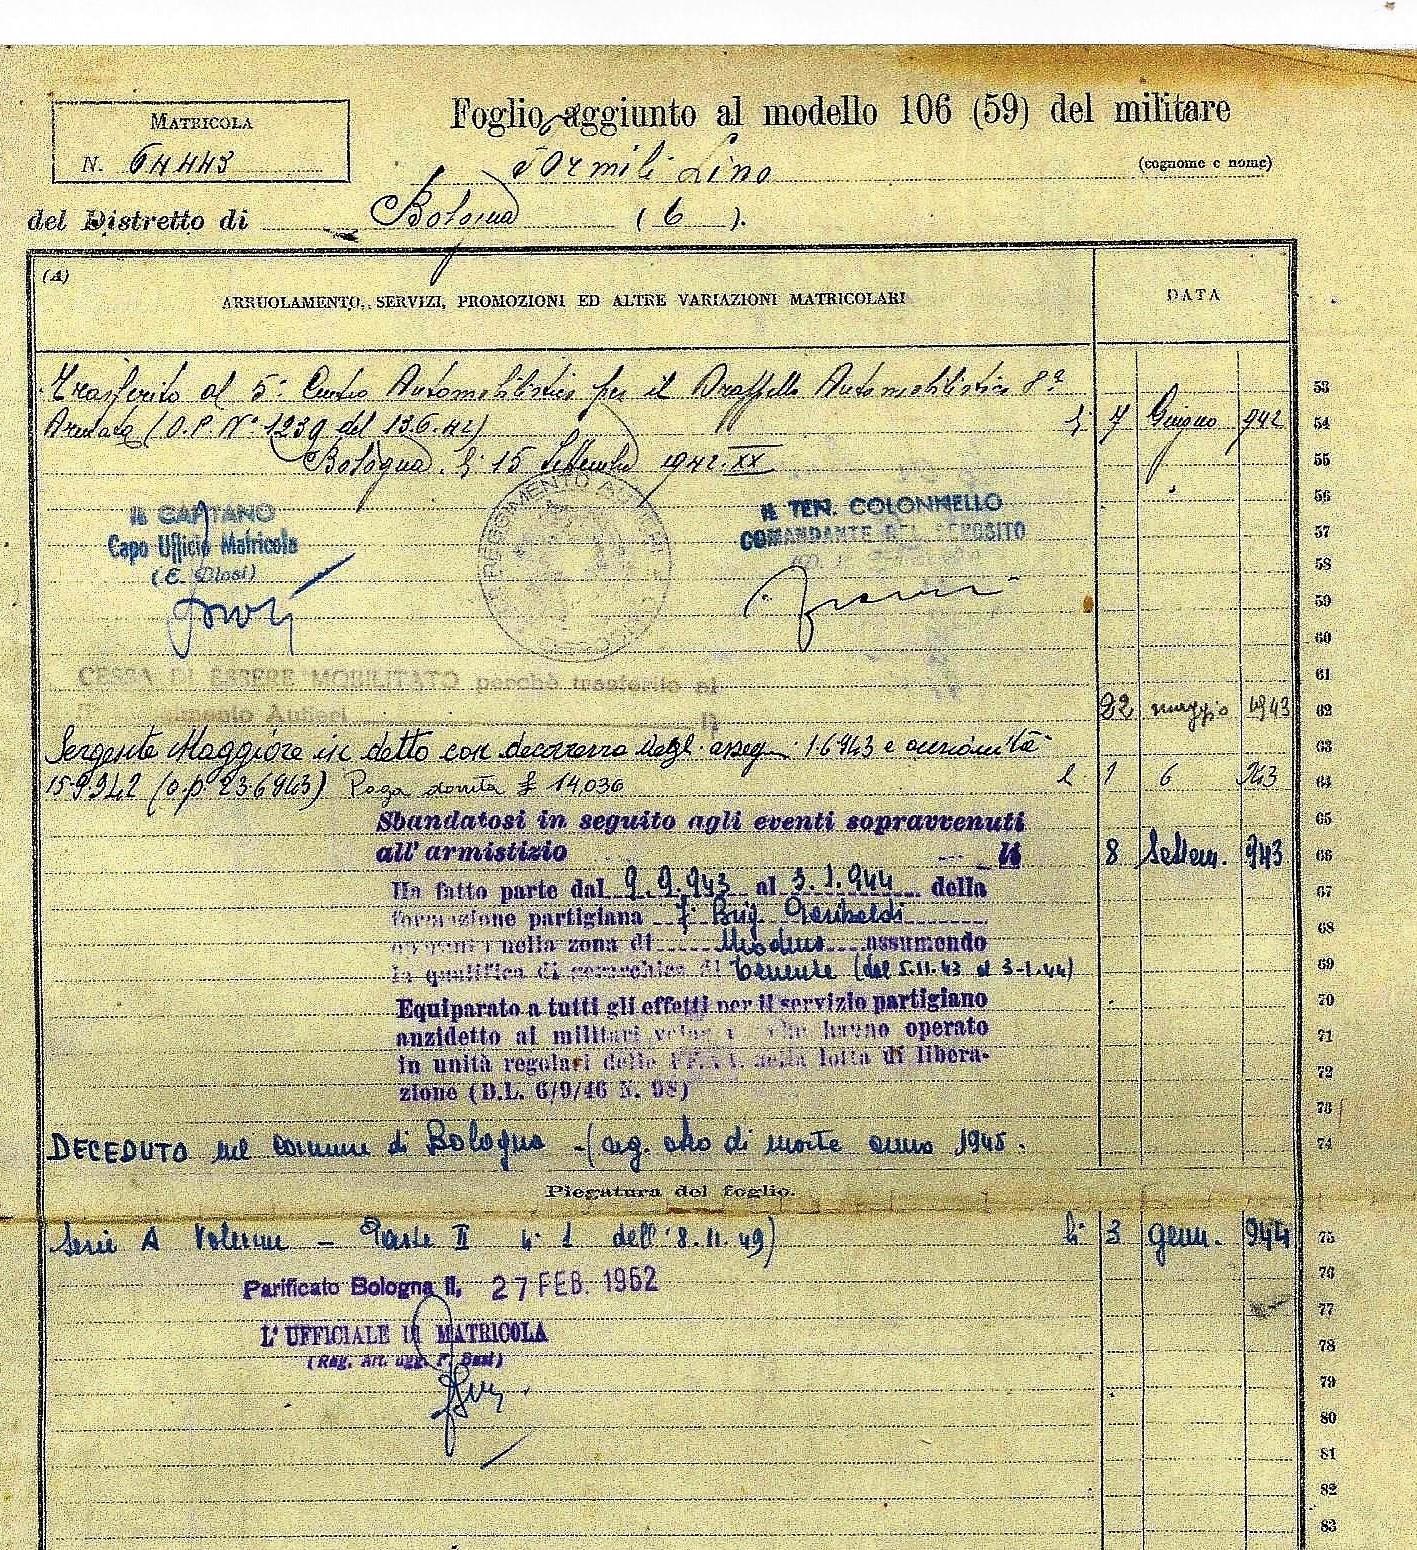 Particolare del foglio 3 della matricola militare di Lino Formili.